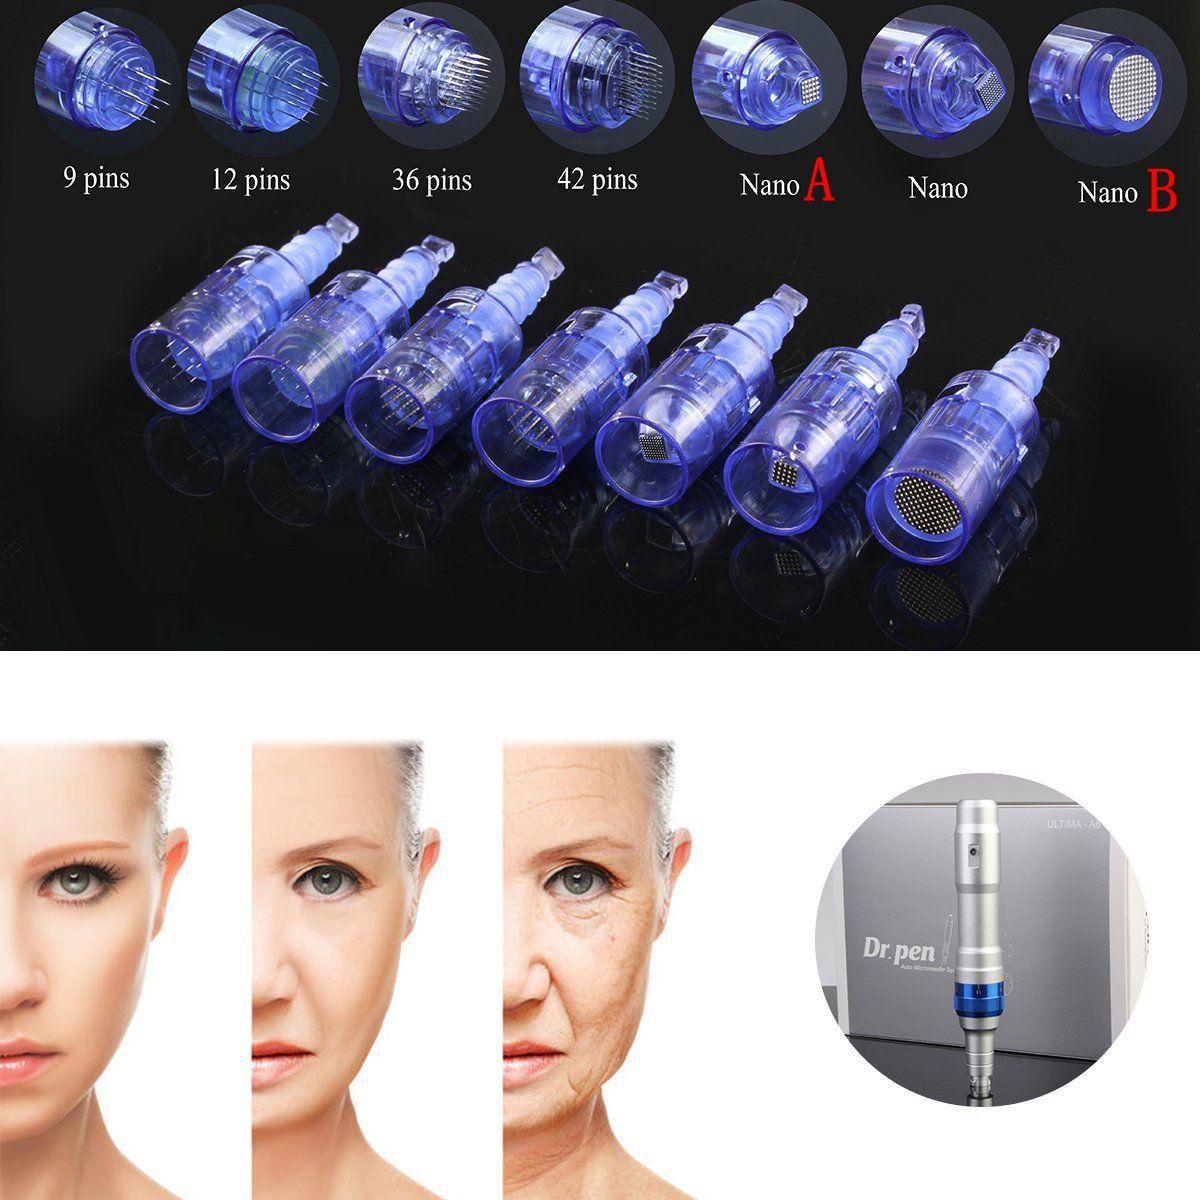 1/3/5/7/ 9/12/36/42/Nano derma pen tips Rechargeable wireless Derma Dr. Pen ULTIMA A6 needle cartridge